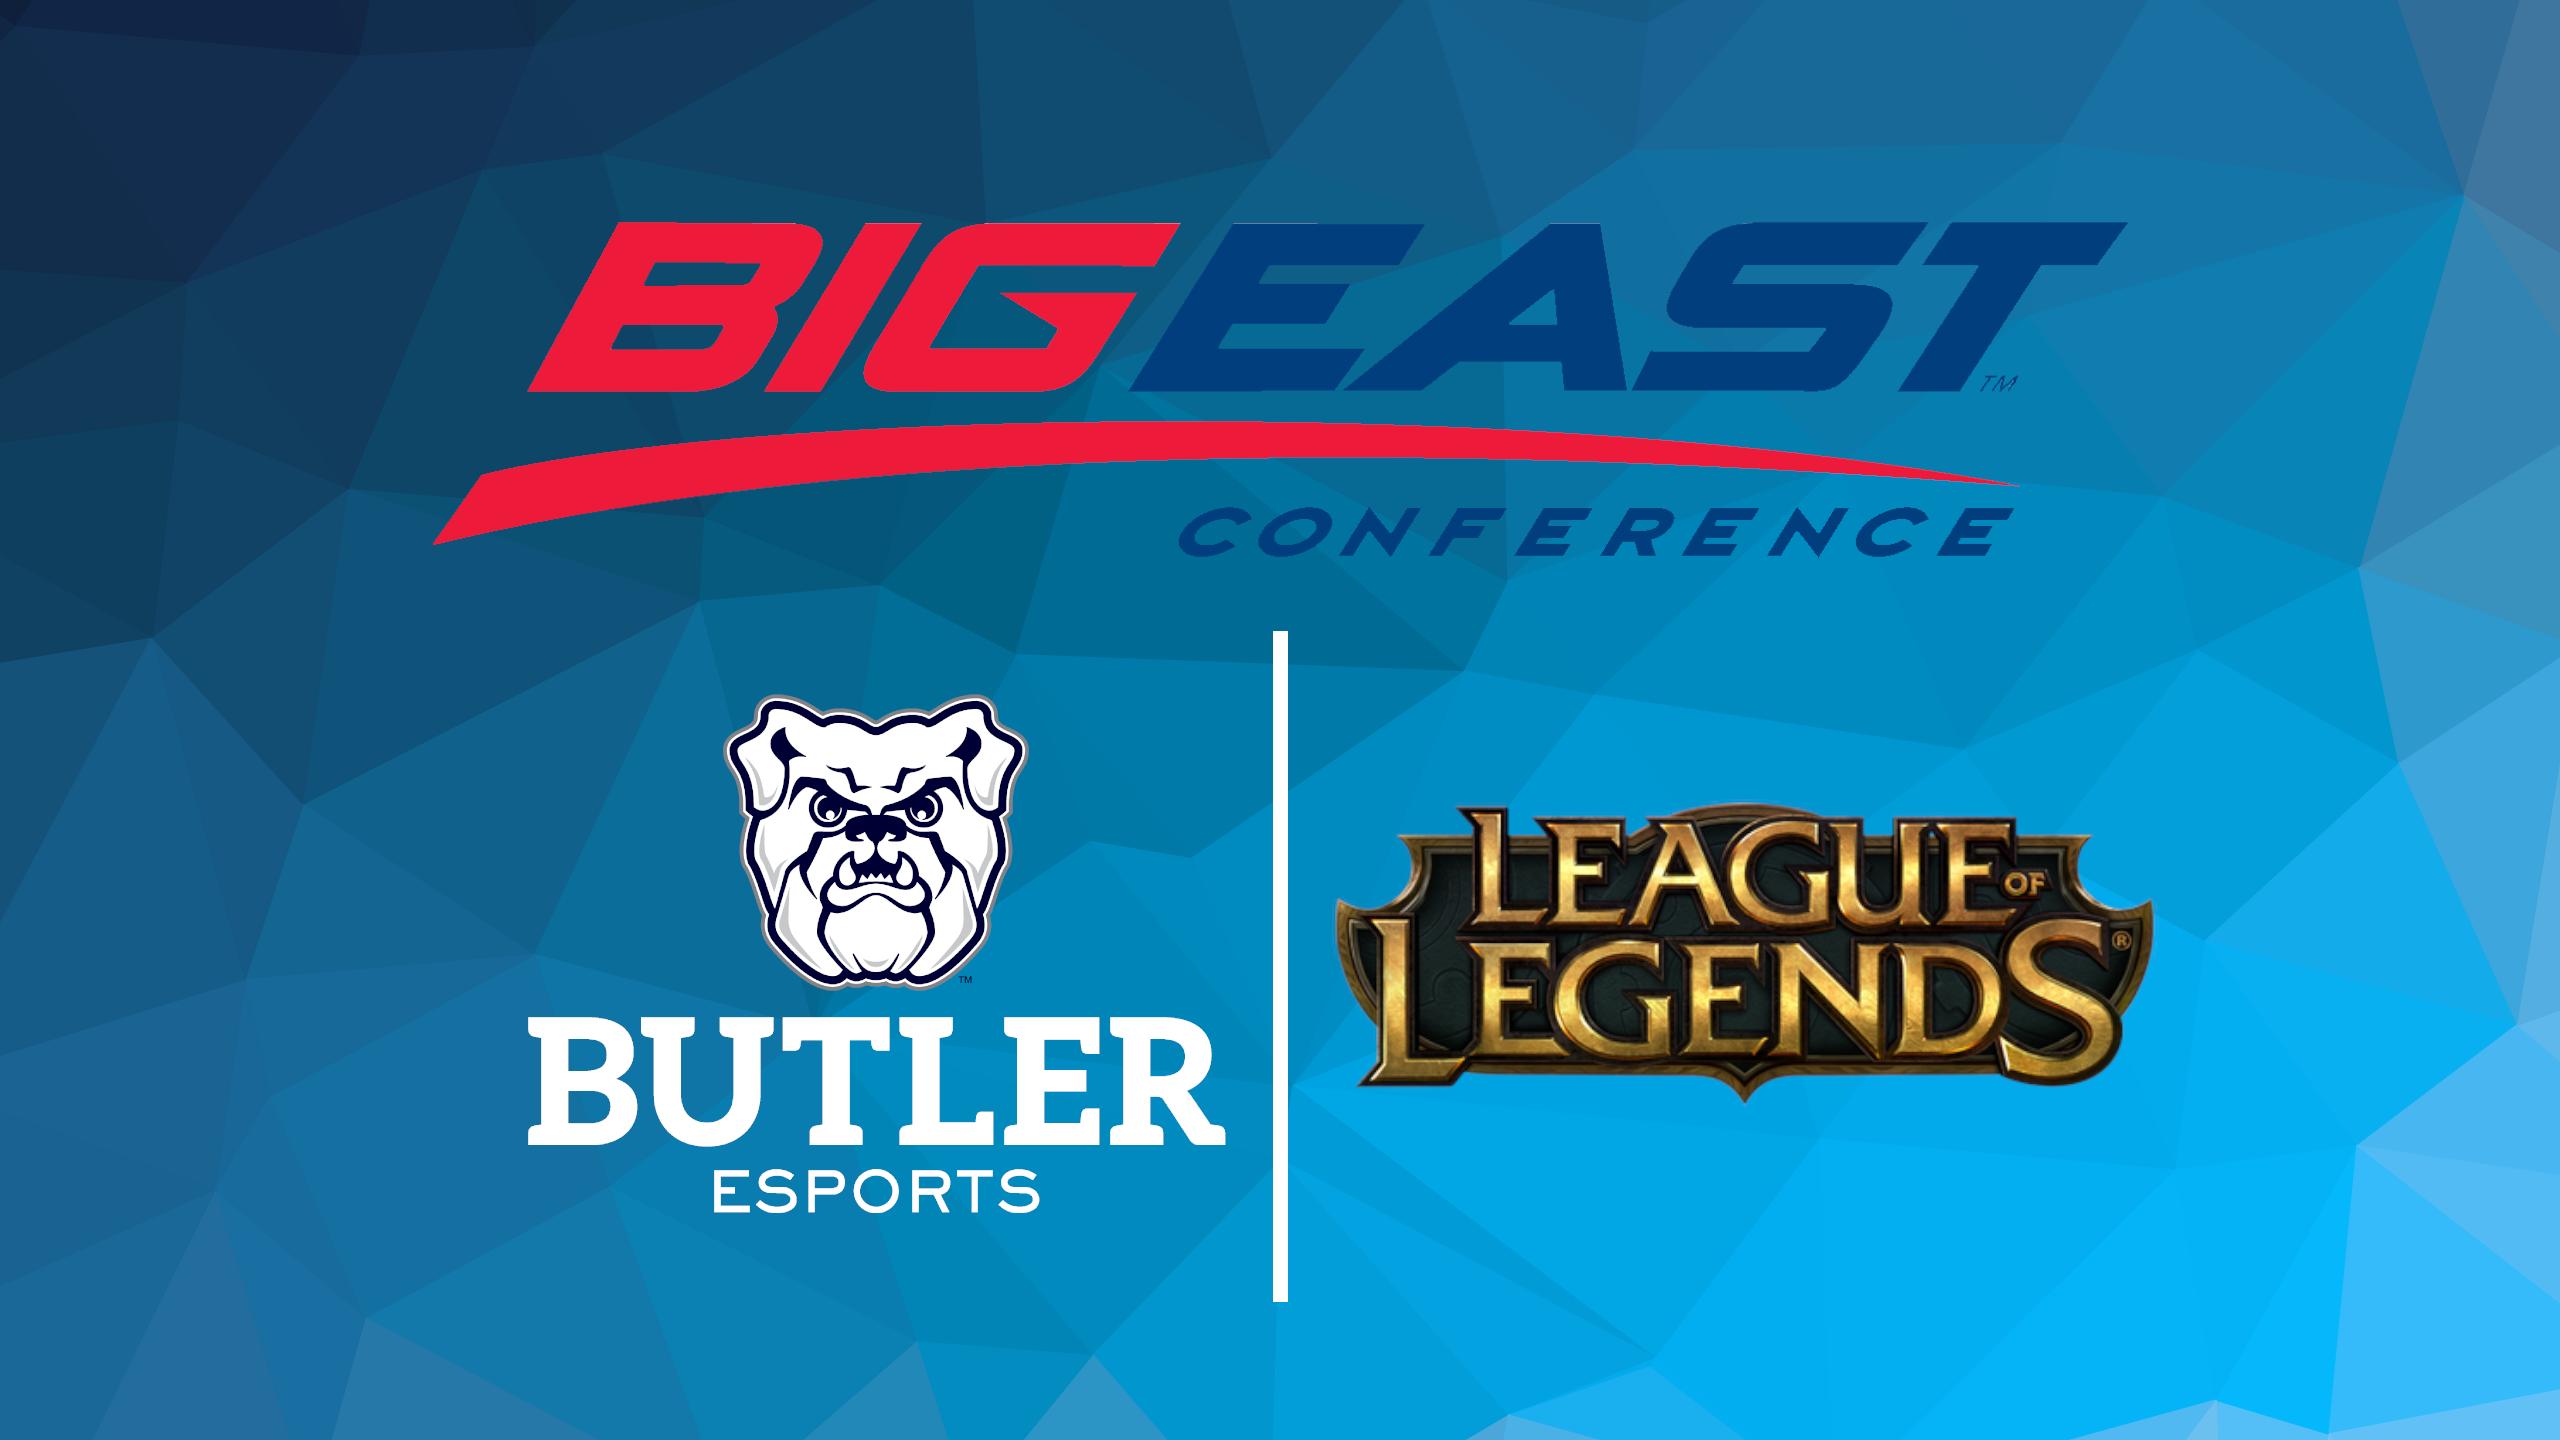 Butler League of Legends - BIG EAST Playoffs